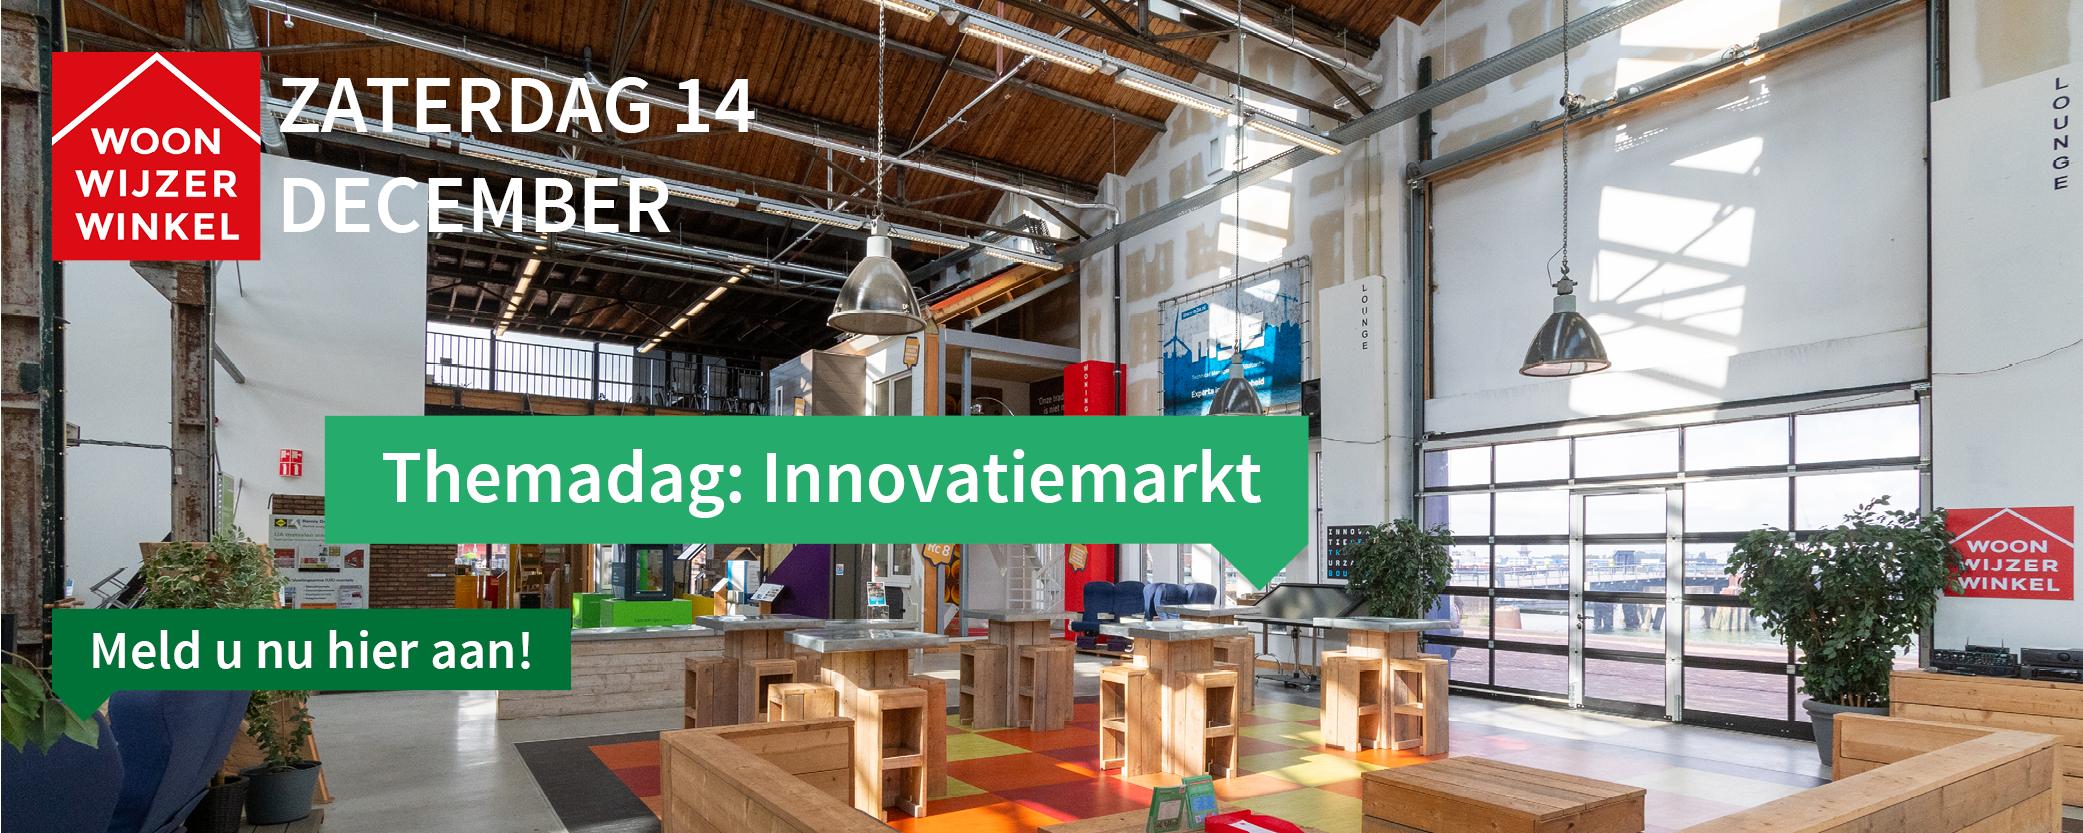 Banner_themadag_innovatiemarkt14dec_rotterdam_aanmelden